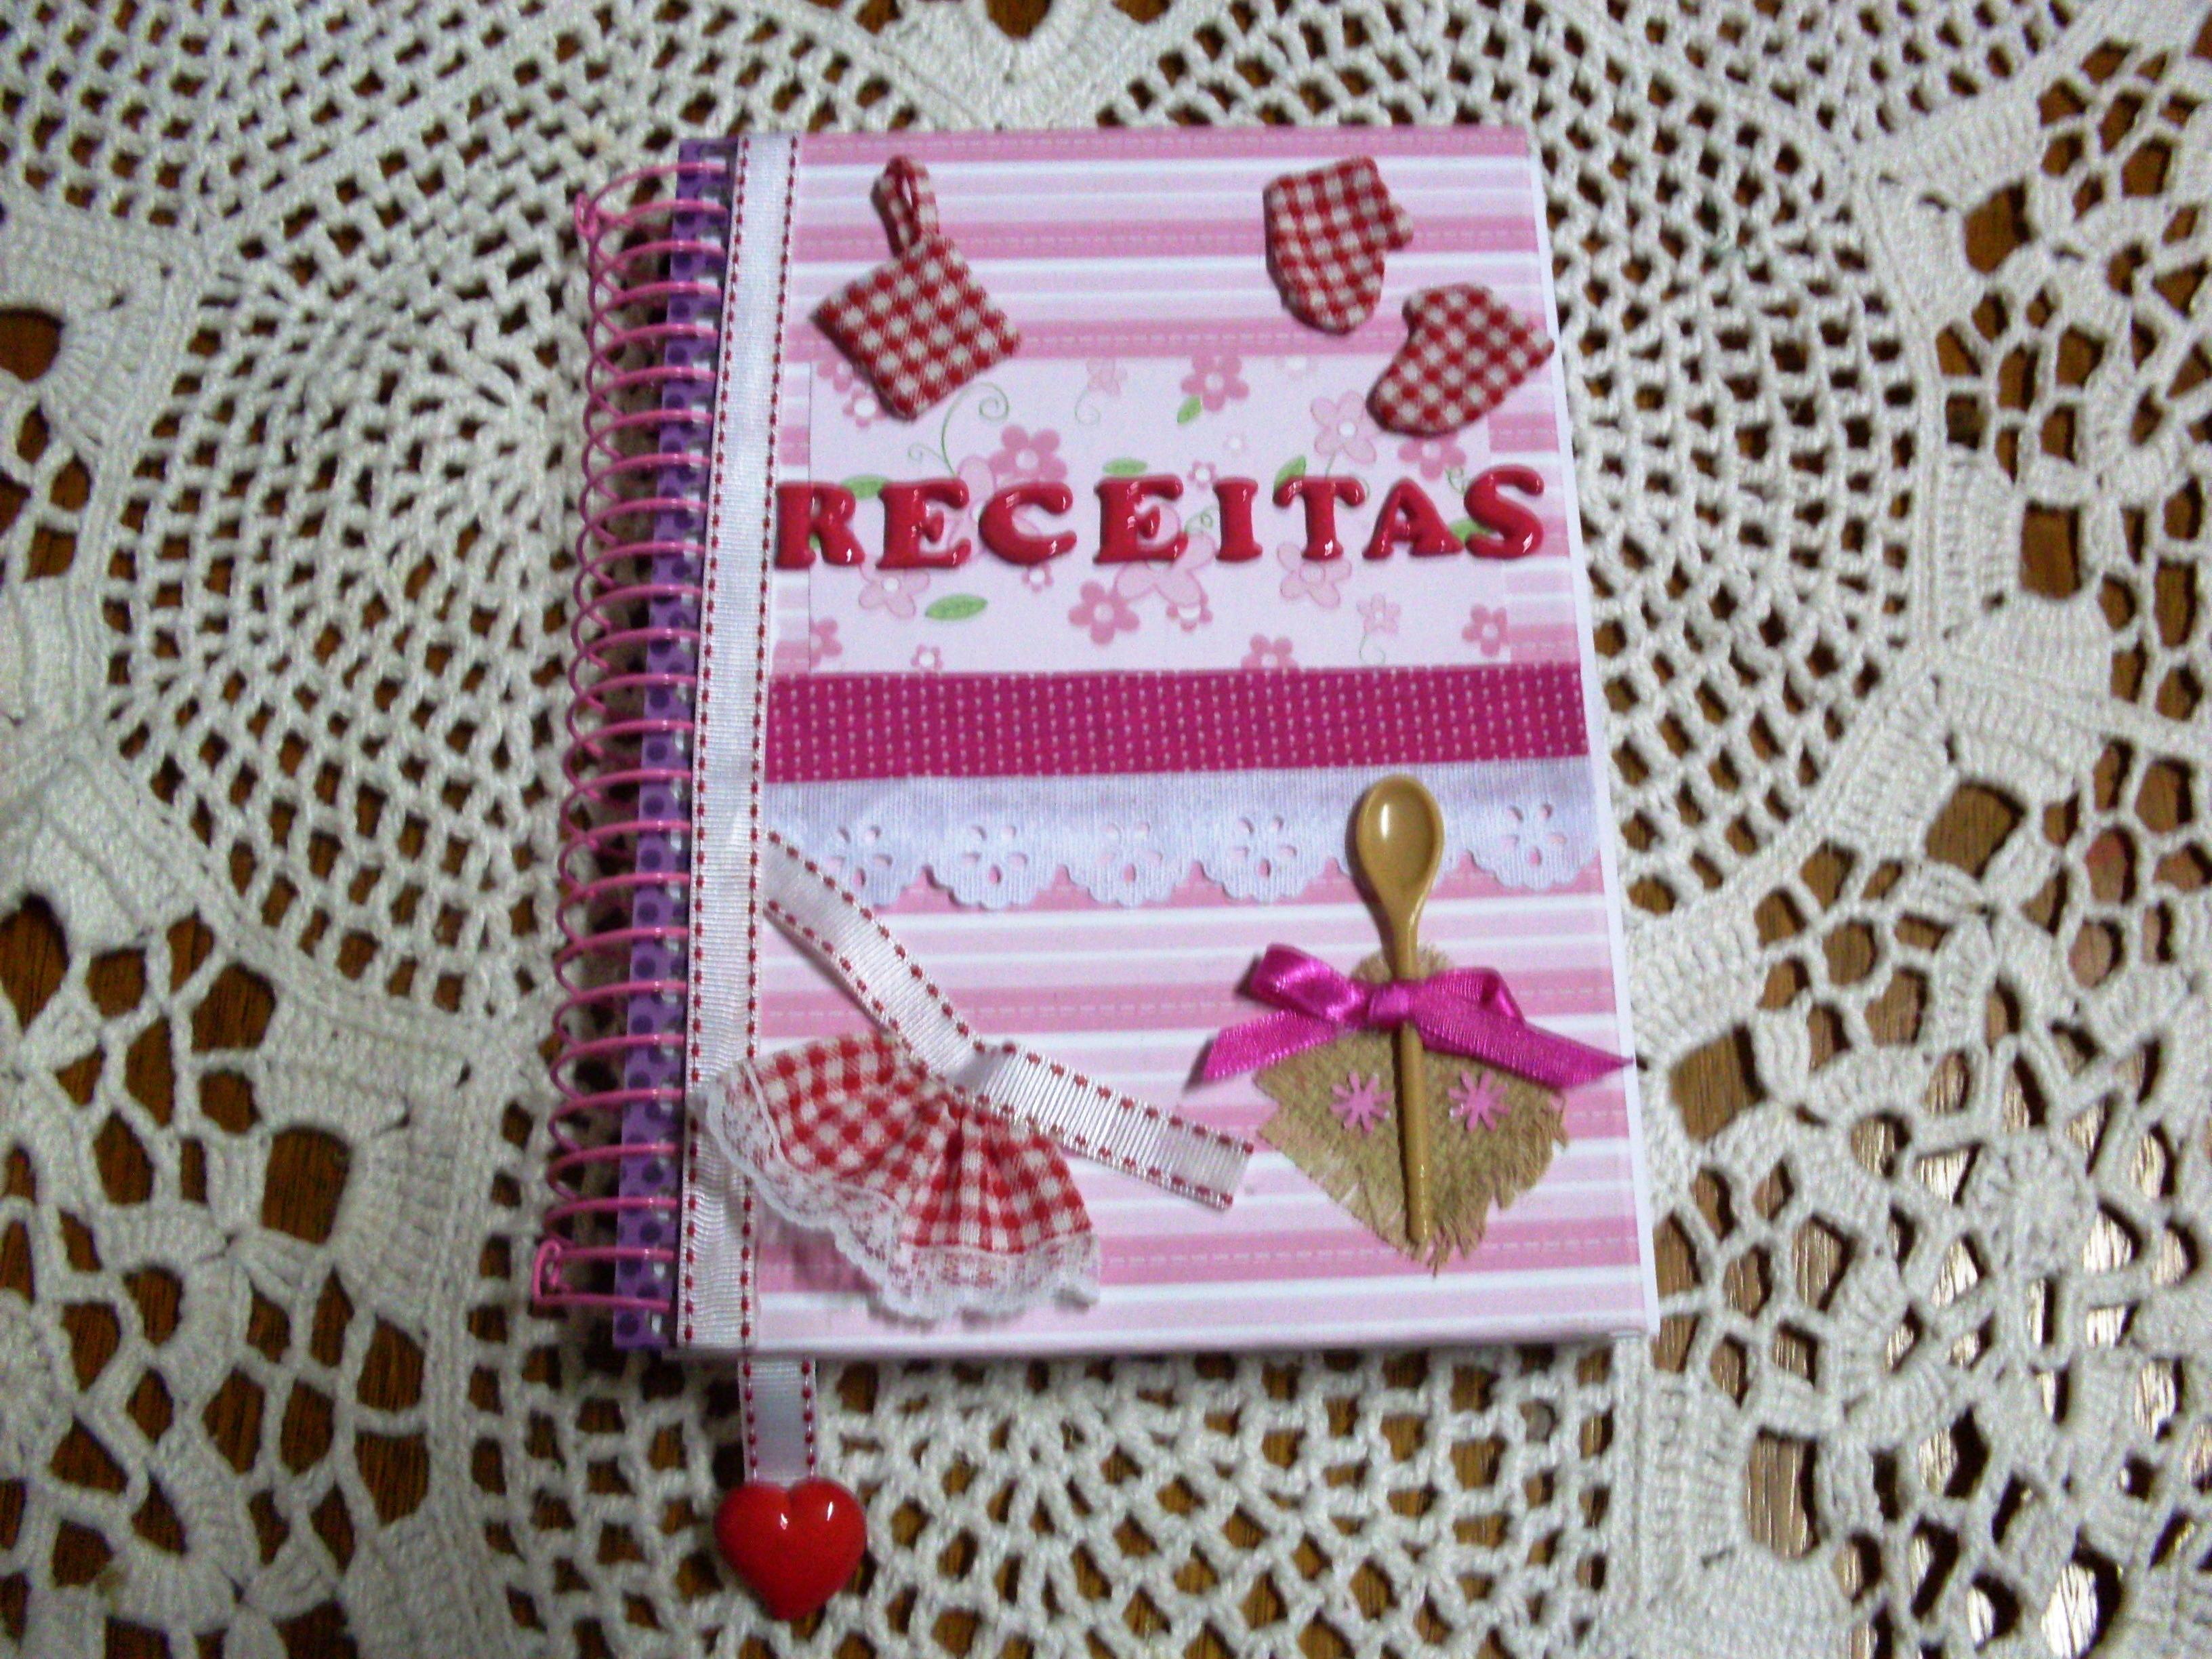 Como customizar cadernos de forma criativa 07